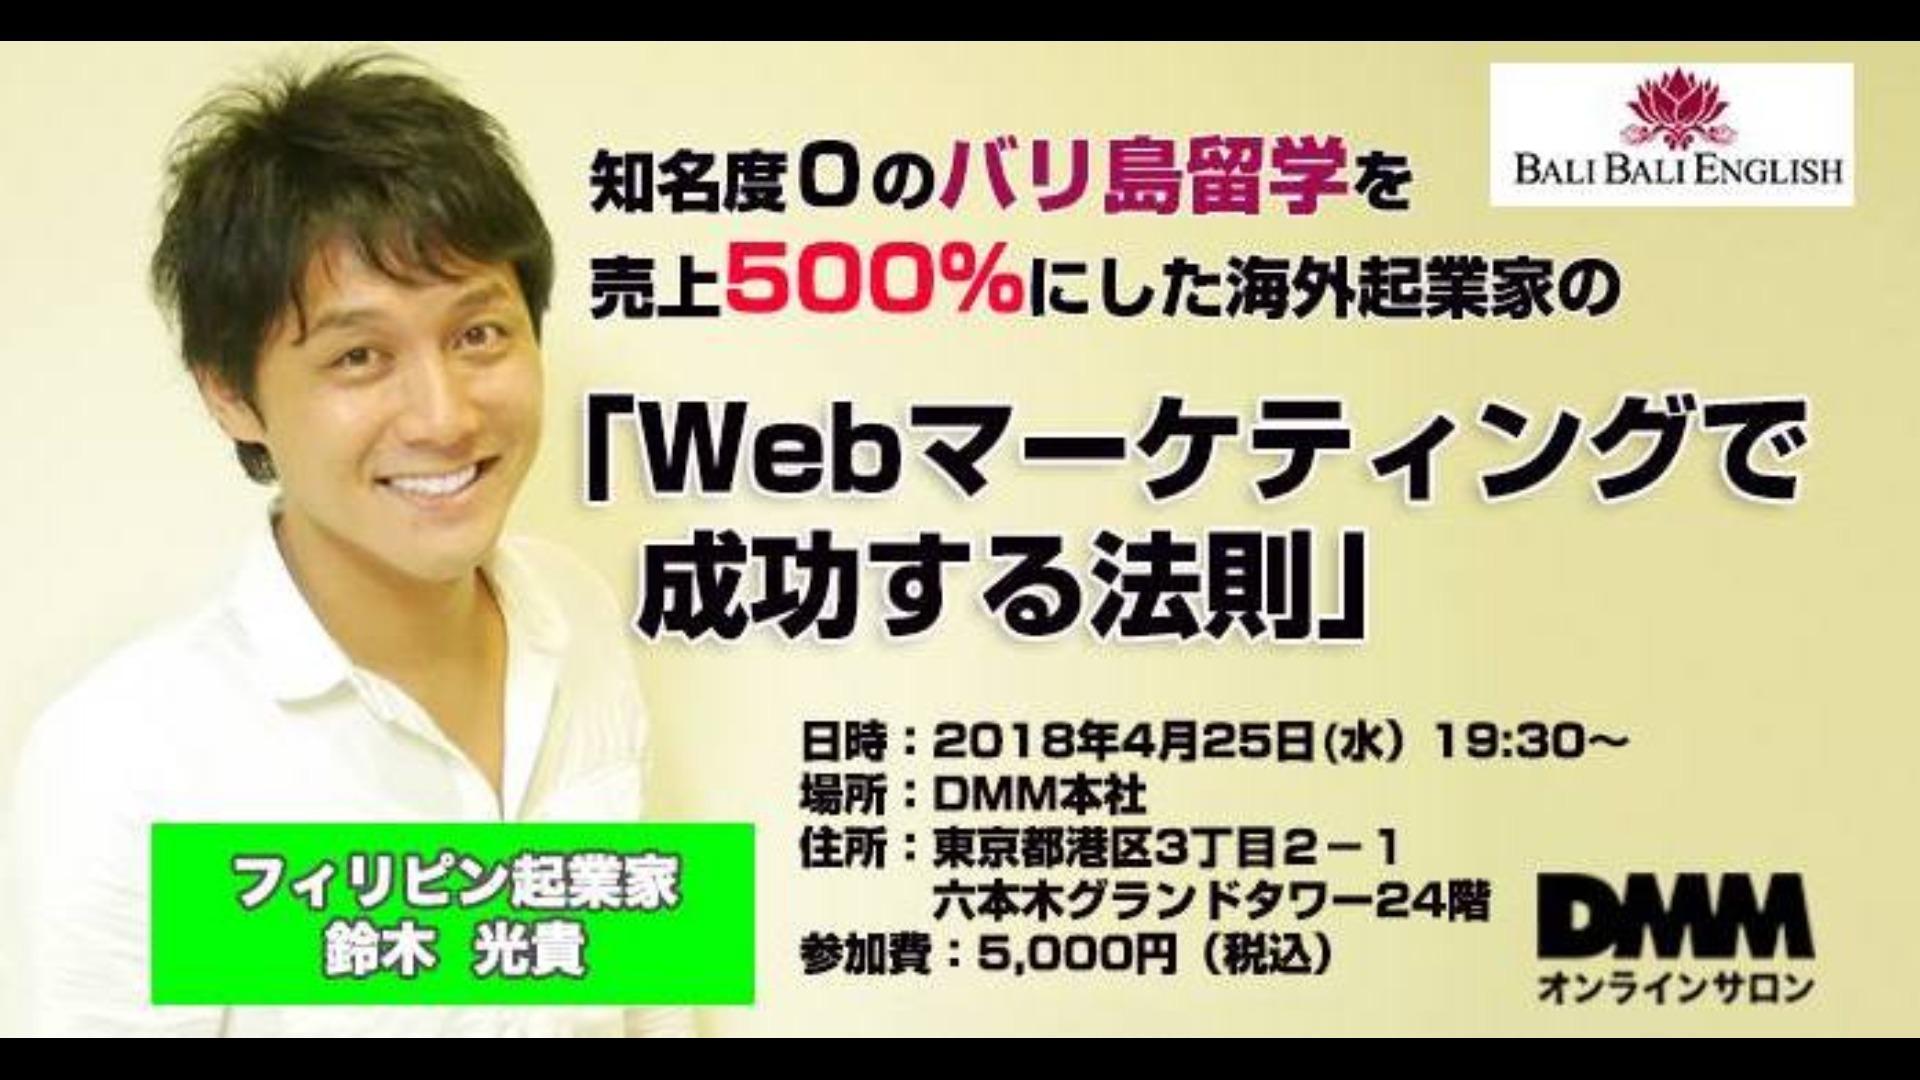 バリ島留学を売上500%にした「Webマーケティングで成功する法則」